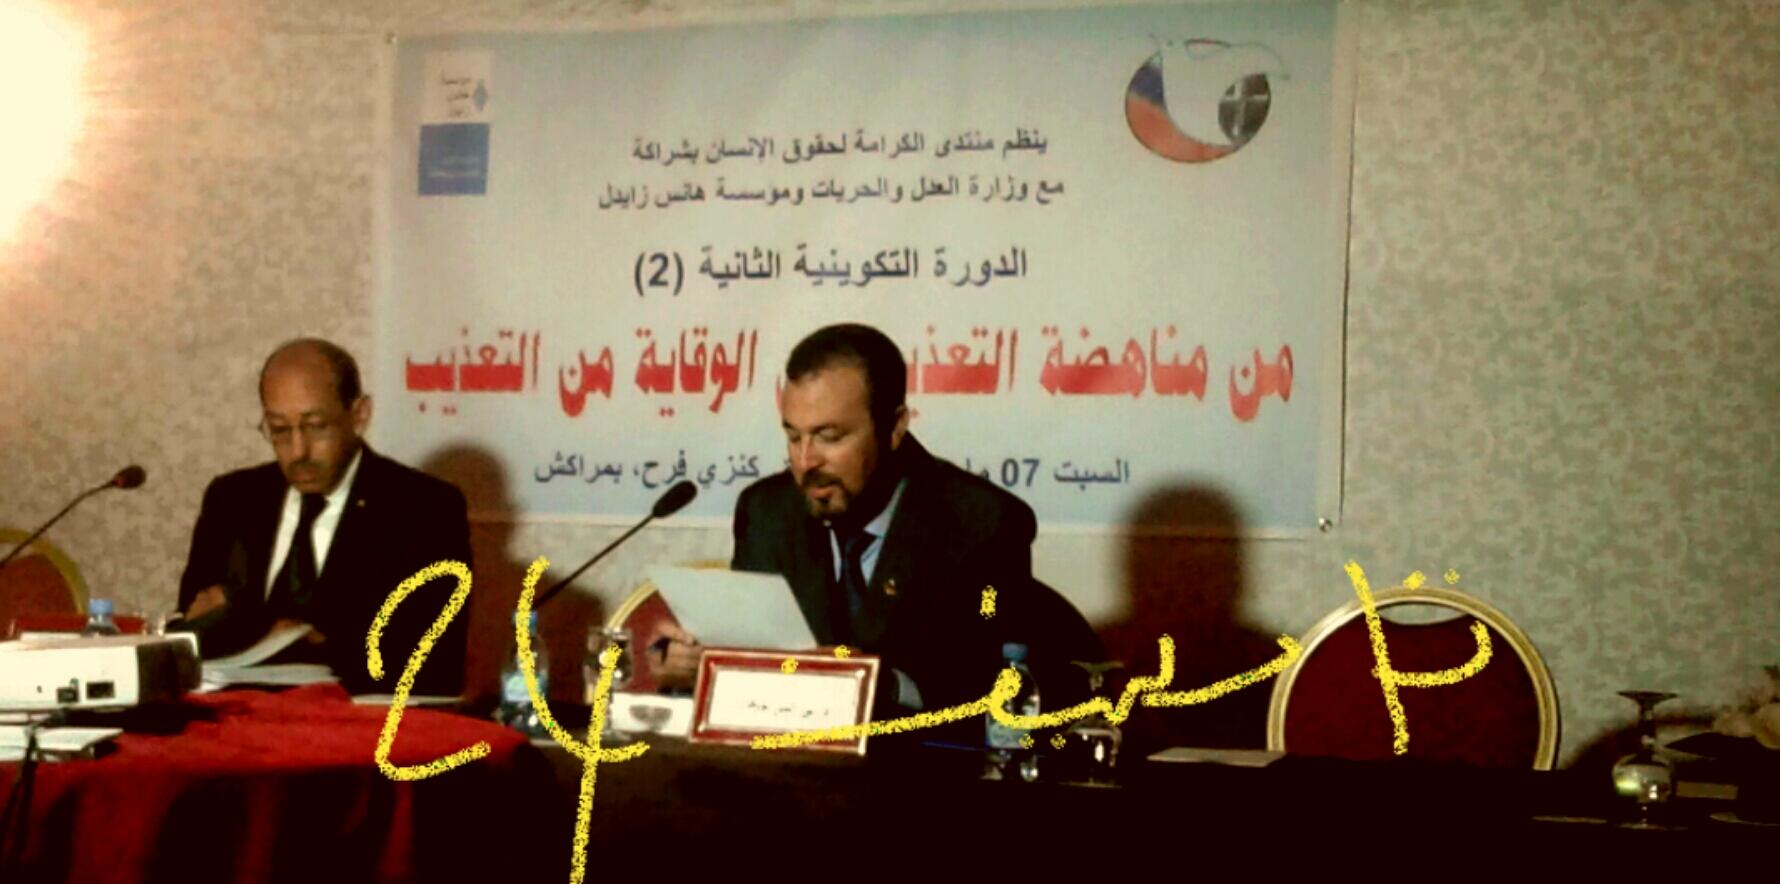 ظاهرة التعذيب أصبحت حالات انفرادية ومعزولة في المغرب